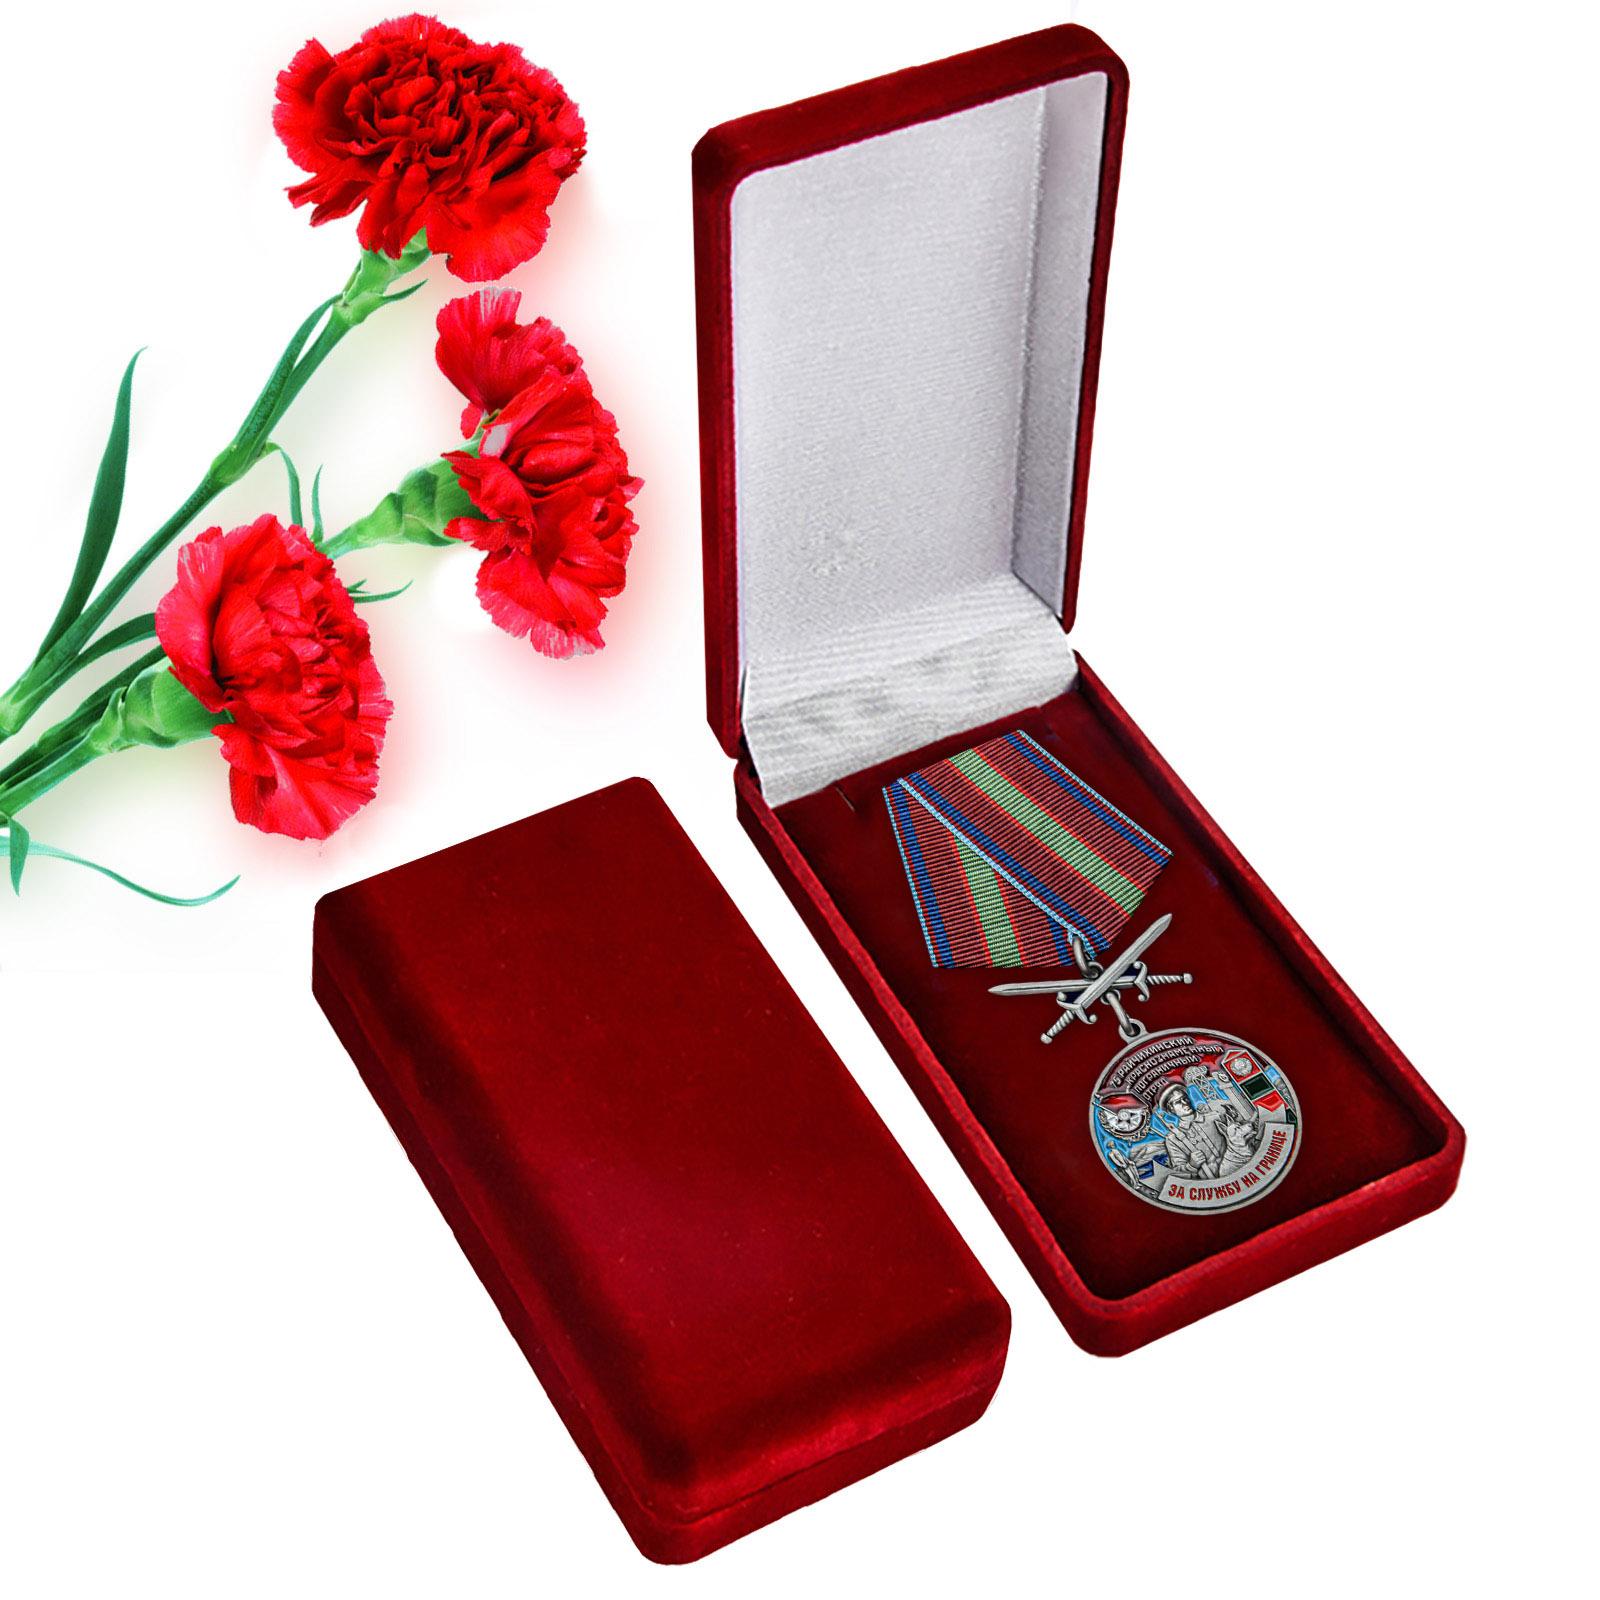 Купить медаль За службу в Райчихинском пограничном отряде выгодно онлайн